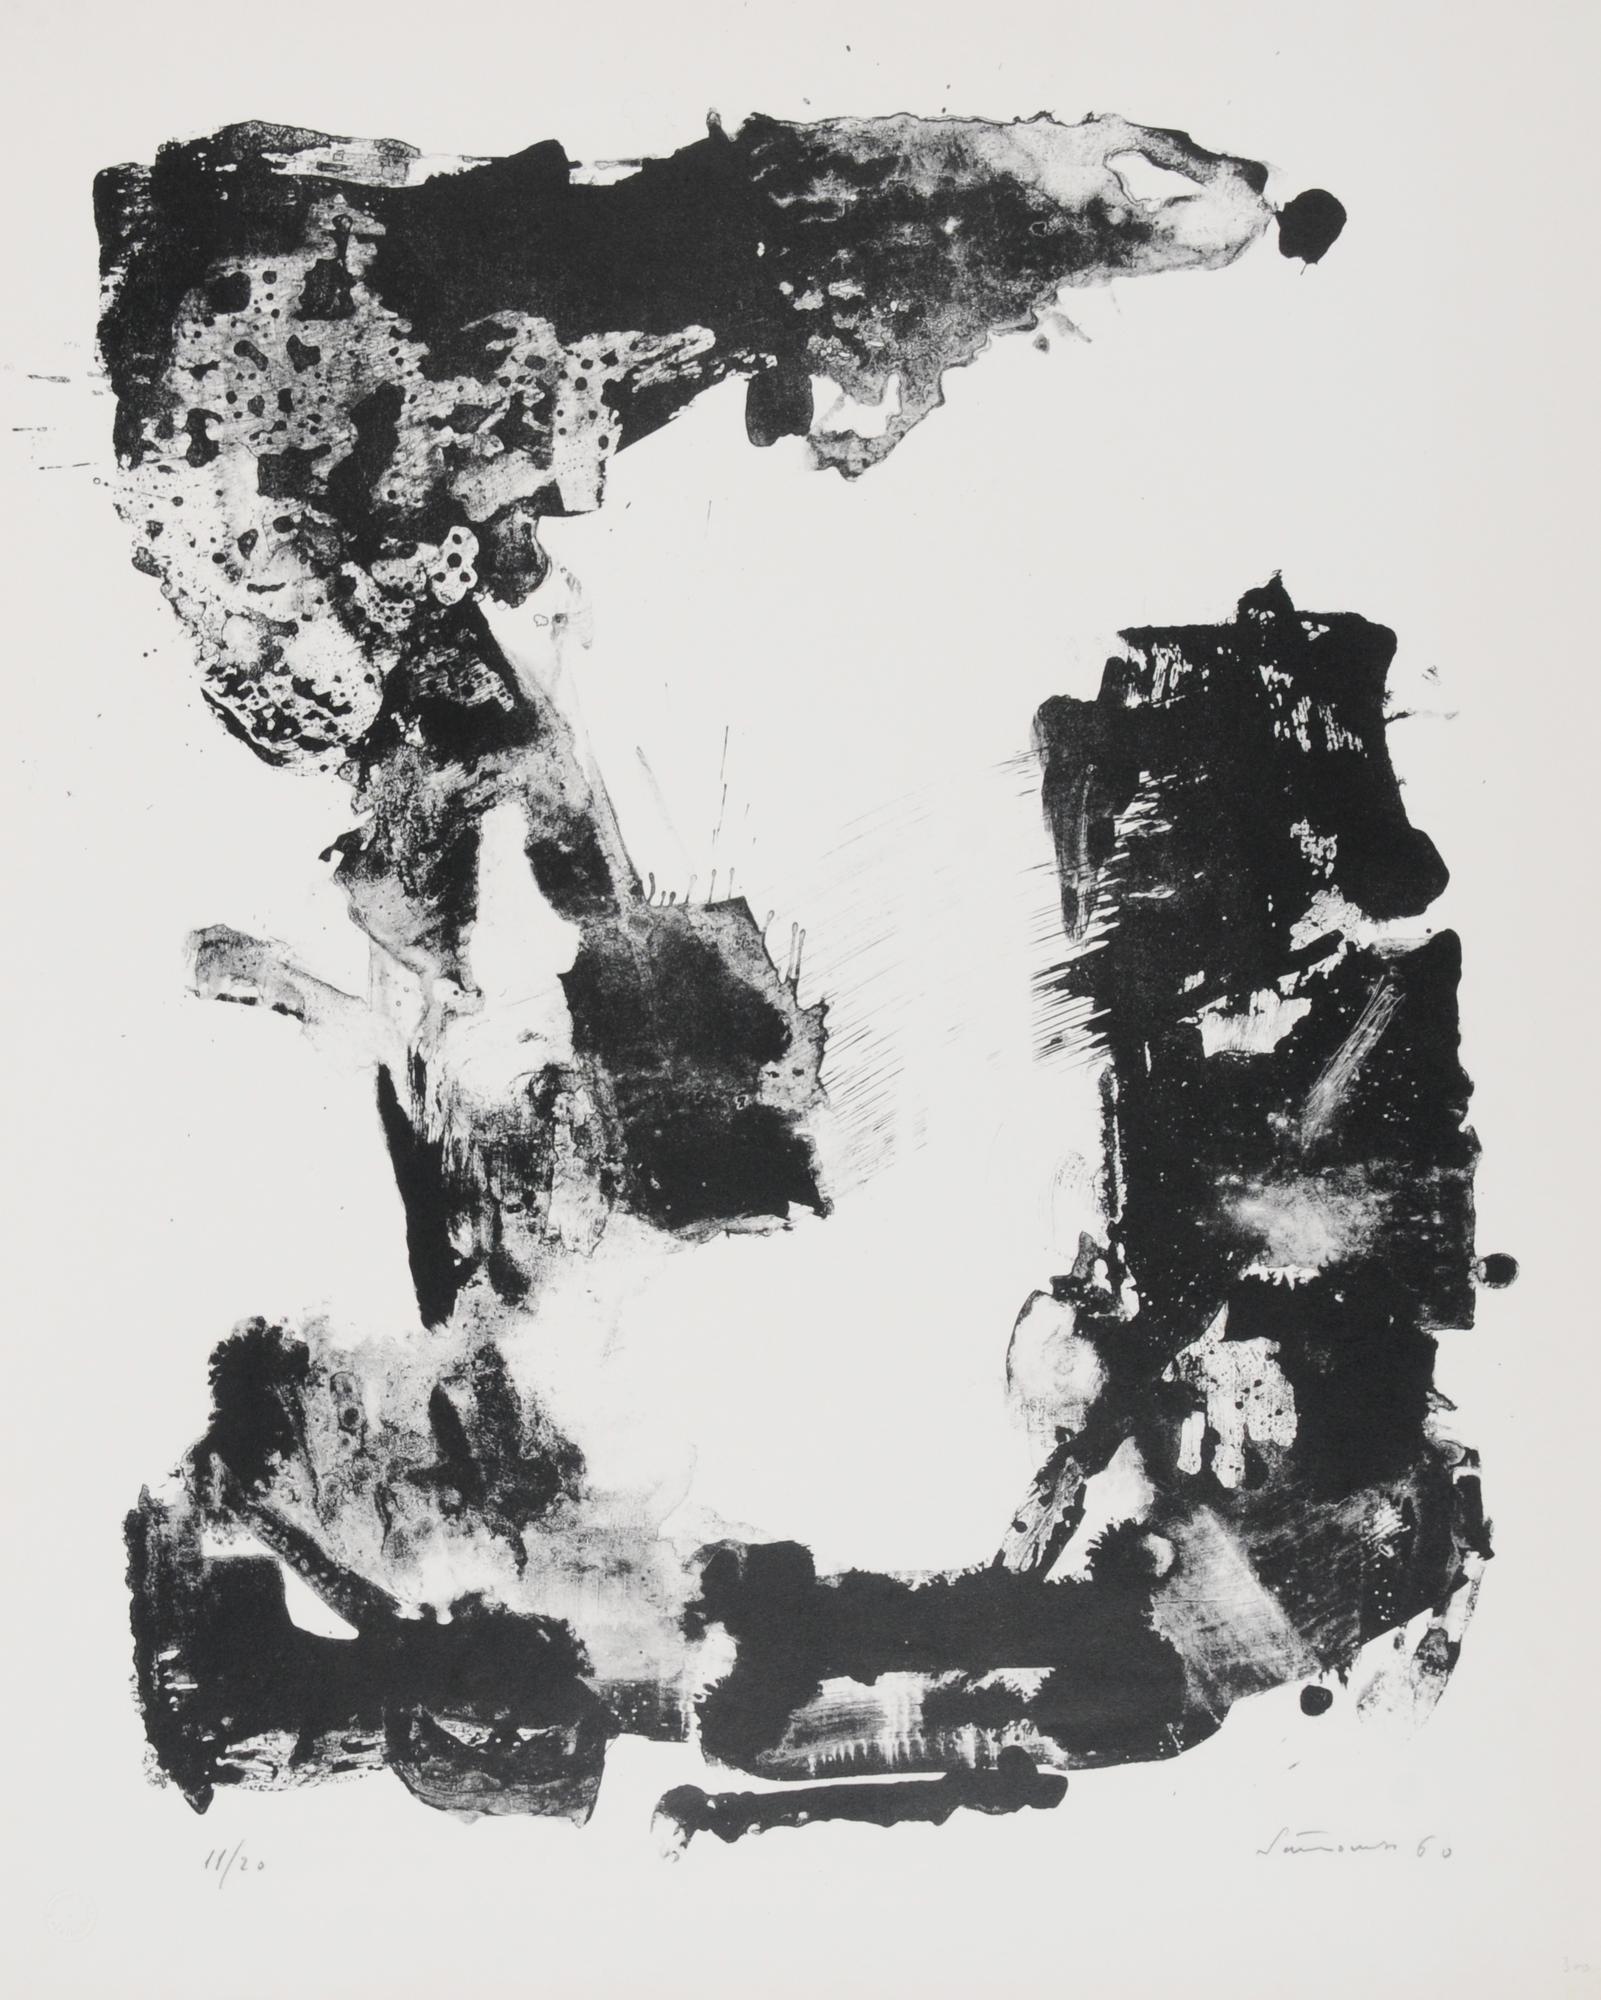 Santomaso Giuseppe, 2 sheets: Senza titolo, 1960; Luce e quasi ombra